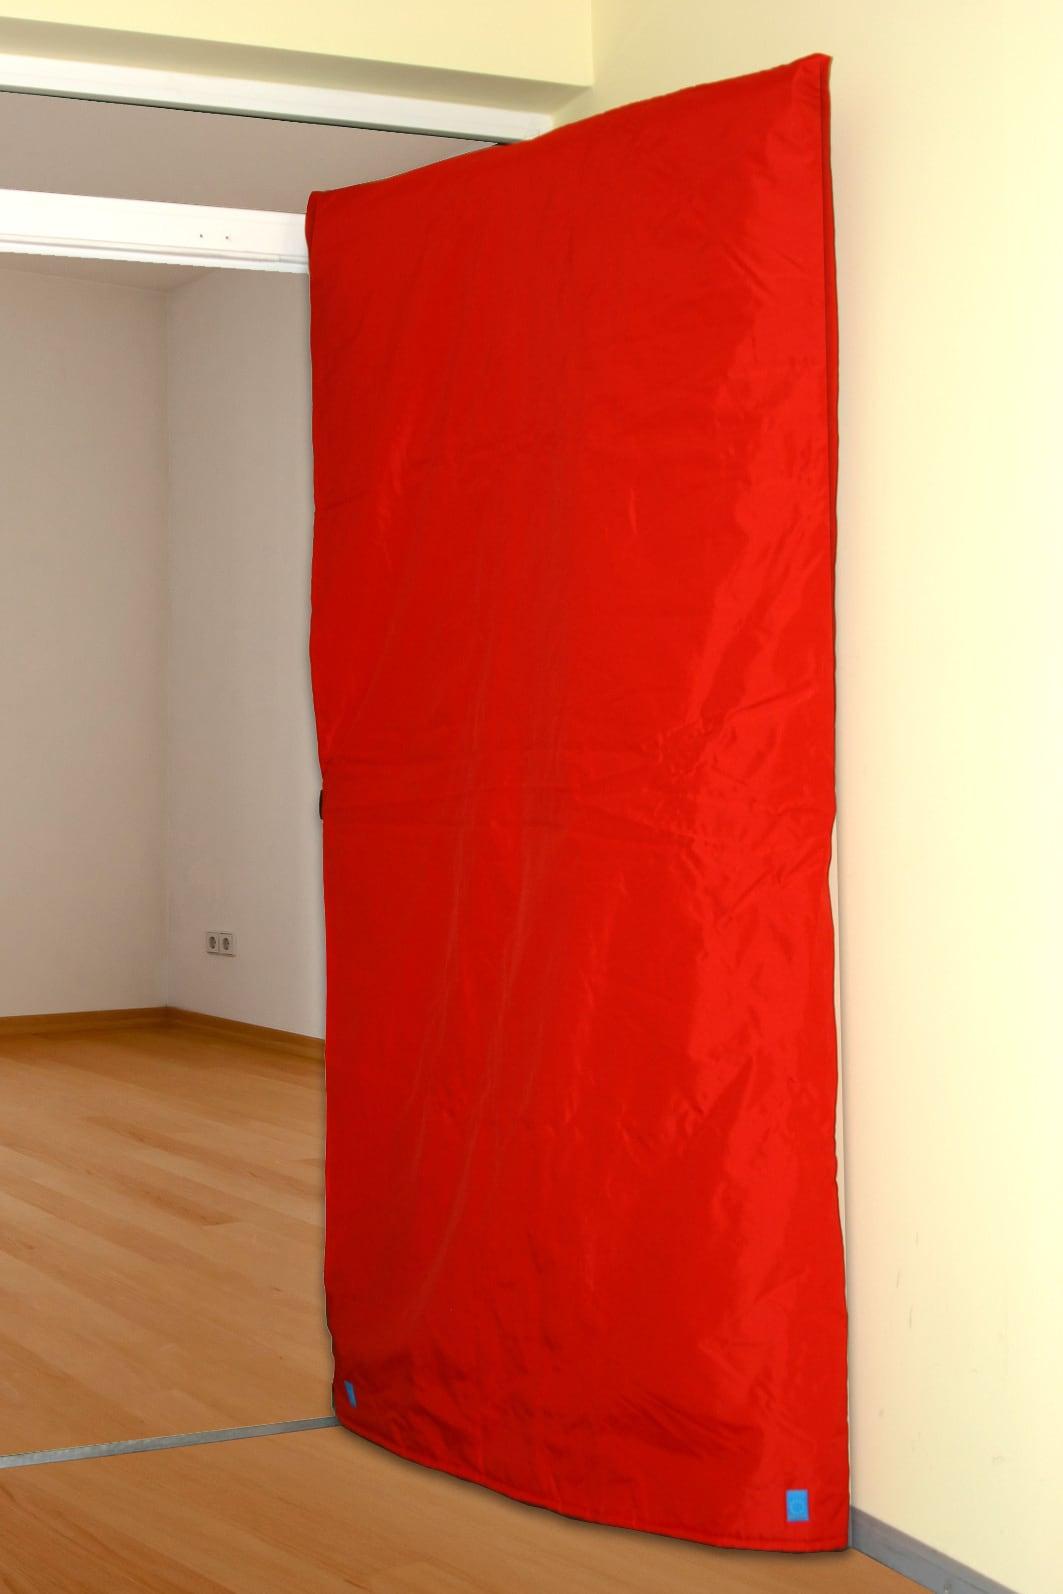 Beschermhoes binnendeuren - 2150 x 930mm